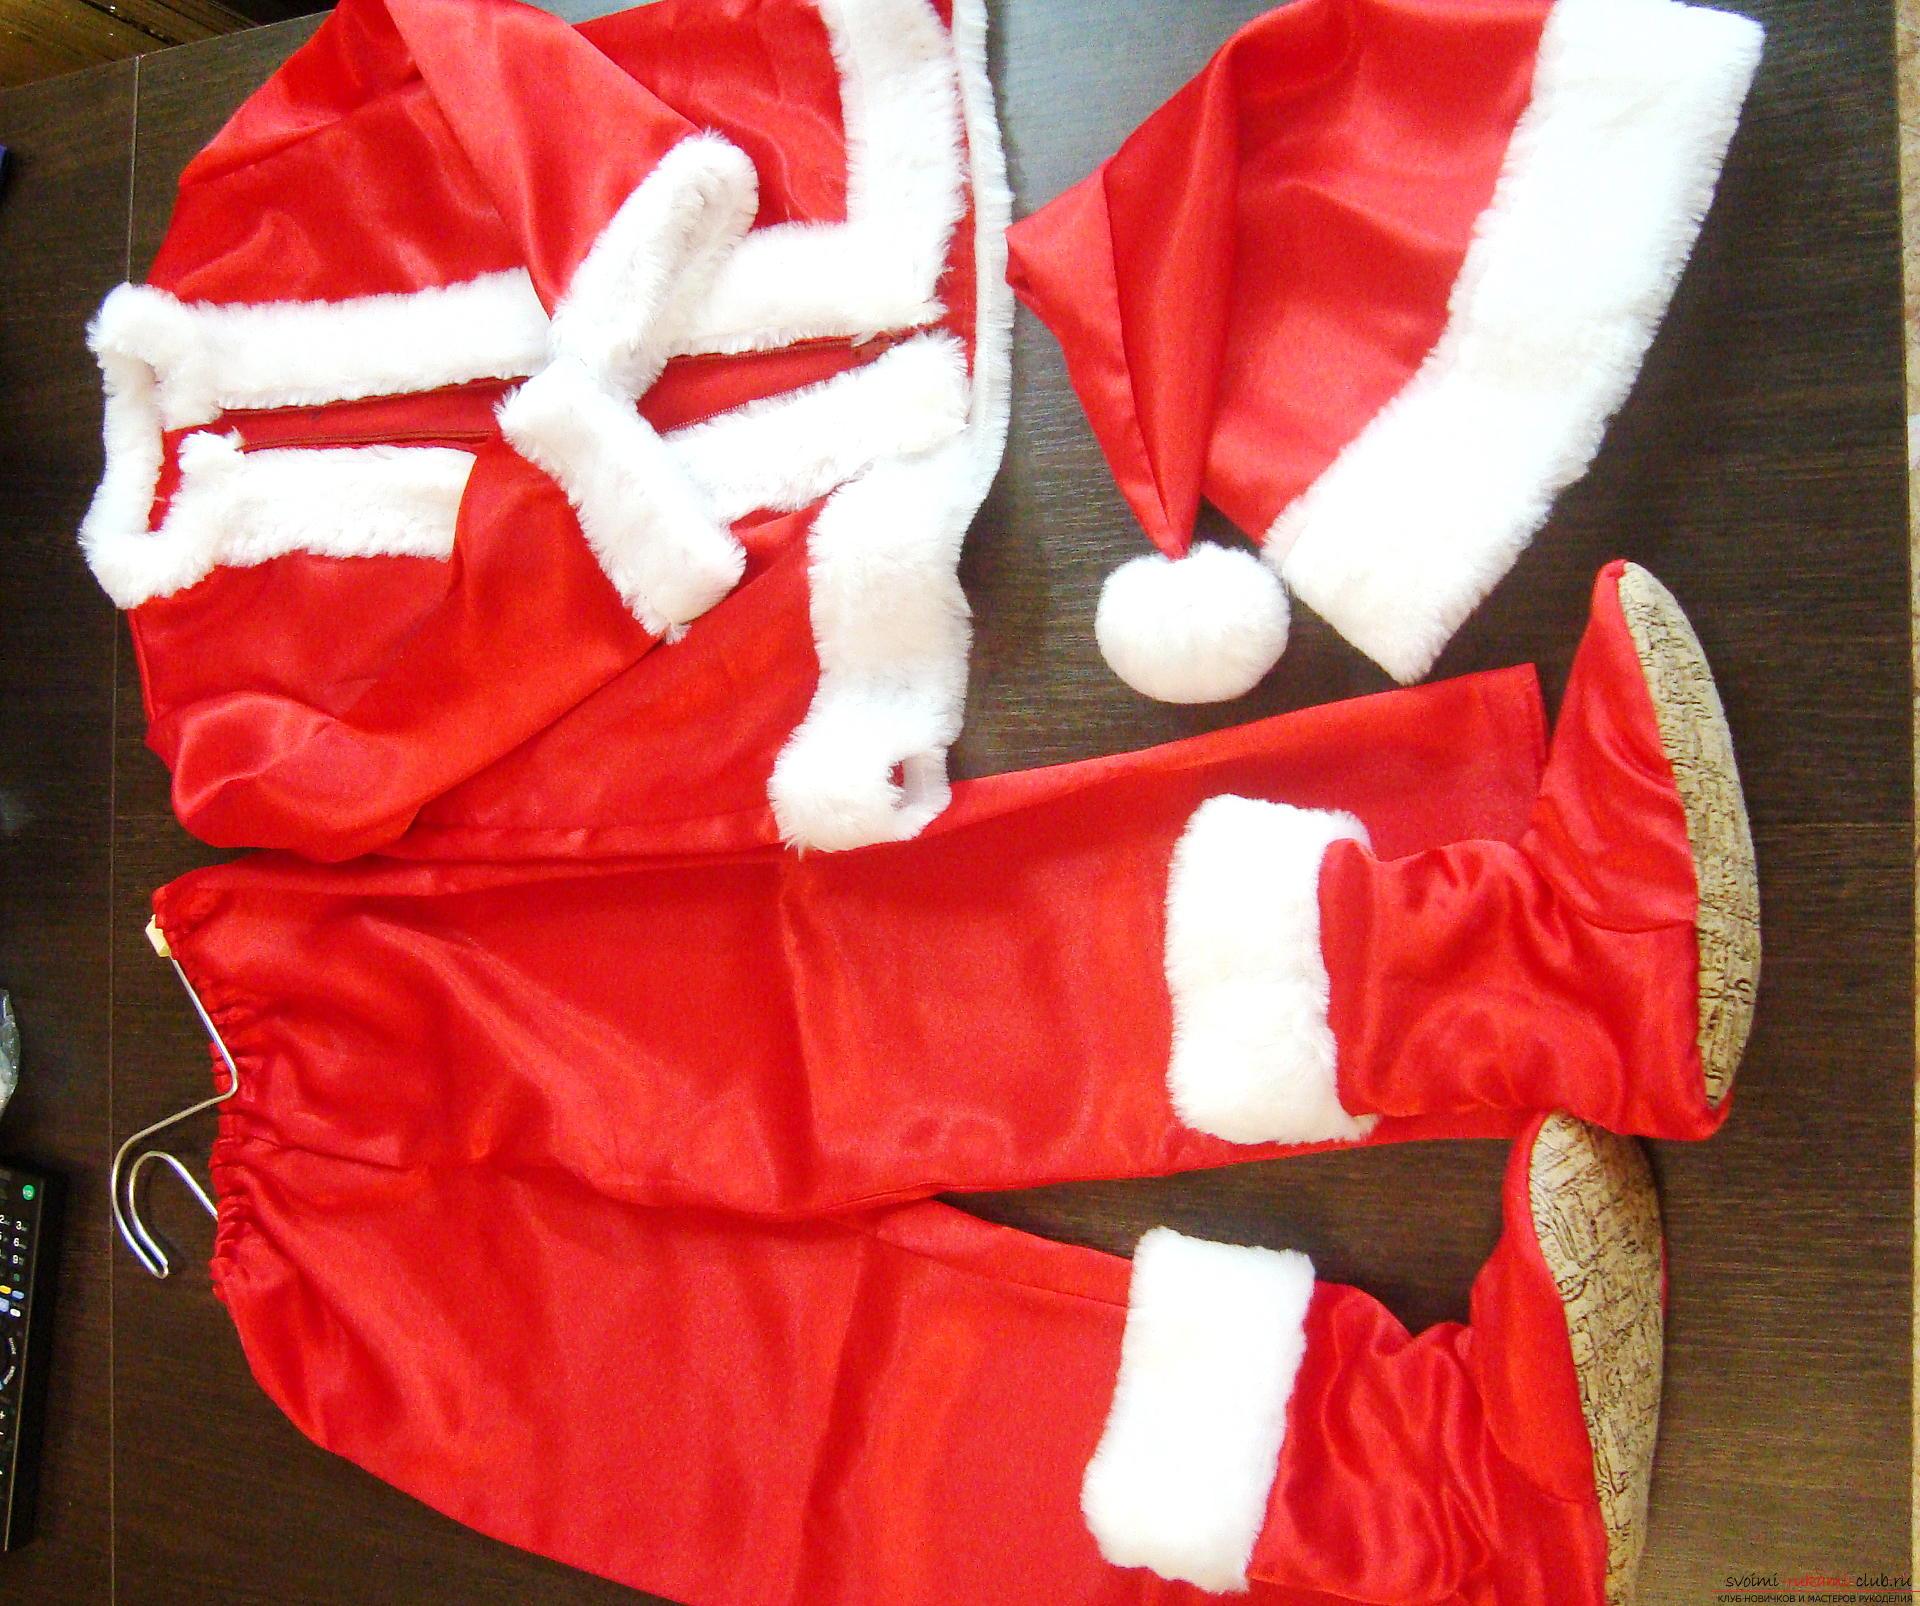 Новогодний костюм не всегда удобно купить, а пошить карнавальный костюм для мальчика может даже начинающая мастерица.</p> </div> <p> Мастер-класс с фото и видео поможет создать новогодний детский костюм по образу Санты Клауса.. Фото №3″/></p> <p><strong>Что потребуется для карнавального костюма Санта Клаус?</strong></p> <p>Для красивого карнавального костюма потребуется:</p> <ol> <li>Яркий красный атлас или бархат. Длина такой материи около двух метров на детский костюм, при условии, что ширина ткани 1.2 метра и более.</li> <li>Искусственный белый мех или любой пушистый материал, он потребуется на отделку, поэтому заготовьте его совсем чуть-чуть.</li> <li>Резинка для штанов.</li> <li>Пуговицы, молния или крючки для курточки.</li> <li>Бумага для выкройки, если вы побоитесь кроить сразу ткань.</li> <li>Швейные принадлежности, в данном случае швейная машинка необходима.</li> <li>Детская пижама или штаны и кофта для снятия выкройки, это значительно упростит процесс создания выкройки для начинающих мастериц.</li> </ol> <p><strong>Как нарисовать выкройку костюма Санта Клауса?</strong></p> <p>Умеющая шить рукодельница наверняка без проблем нарисует выкройку штанишек, курточки и колпака, предварительно сняв необходимые мерки. Менее опытная мастерица может использовать для выкройки вещи, которые впору ее малышу.</p> <p> Для этого нужно взять штаны и кофту и перерисовать детали на бумагу.</p> <p> Учитывайте, что костюм Санты должен быть свободным, поэтому отмеряйте и переводите все детали на бумагу с запасом в 2 см.</p> <p> Особенность атласной ткани для костюма в том, что она совсем не тянется, поэтому пижама и костюм из атласа даже одного размера будет смотреться по-разному.</p> <p><div style=